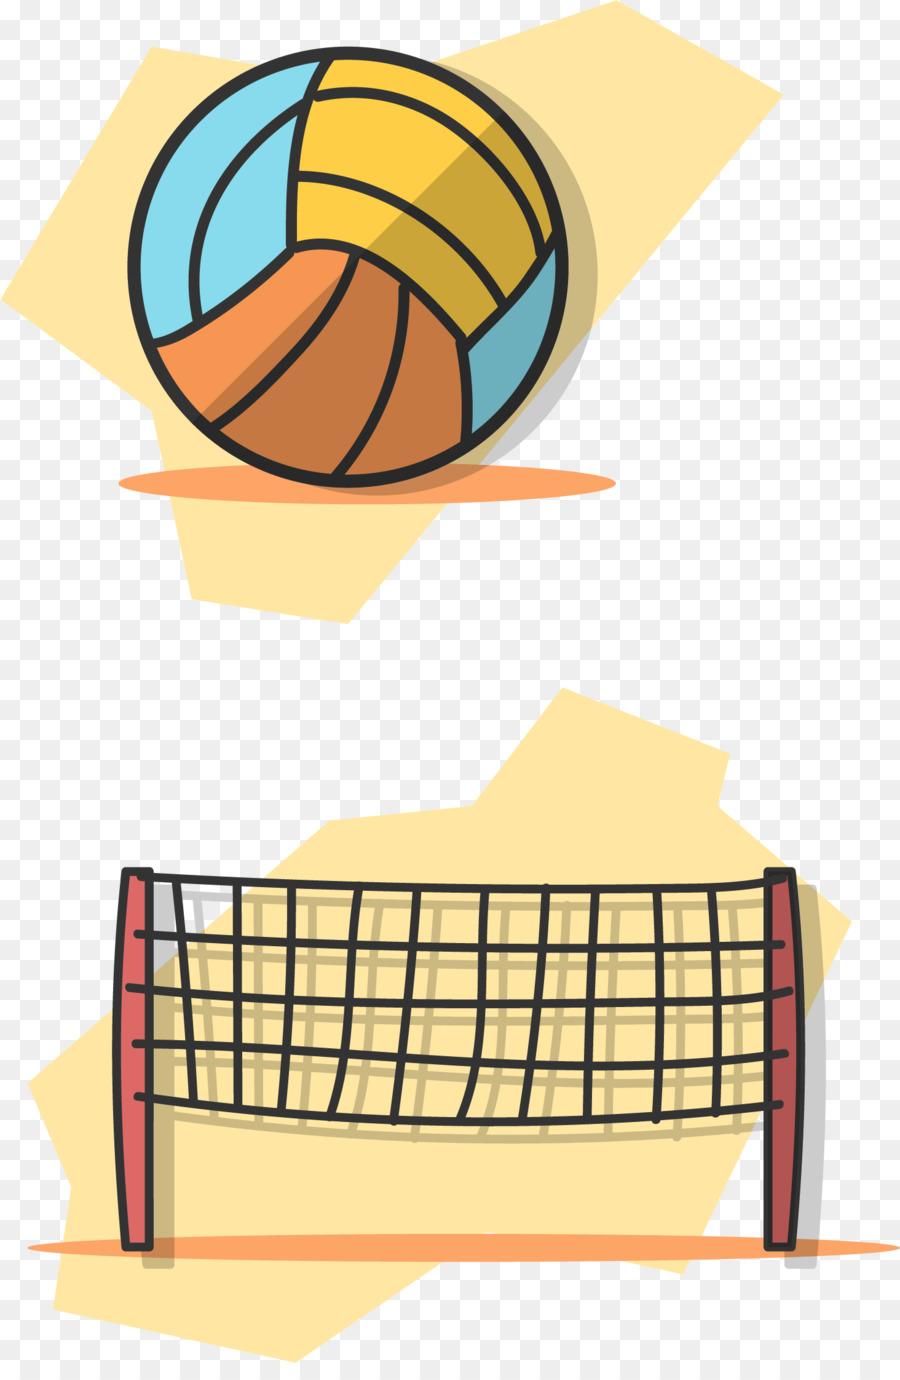 Descarga gratuita de Voleibol, Bola, Voleibol De Playa imágenes PNG